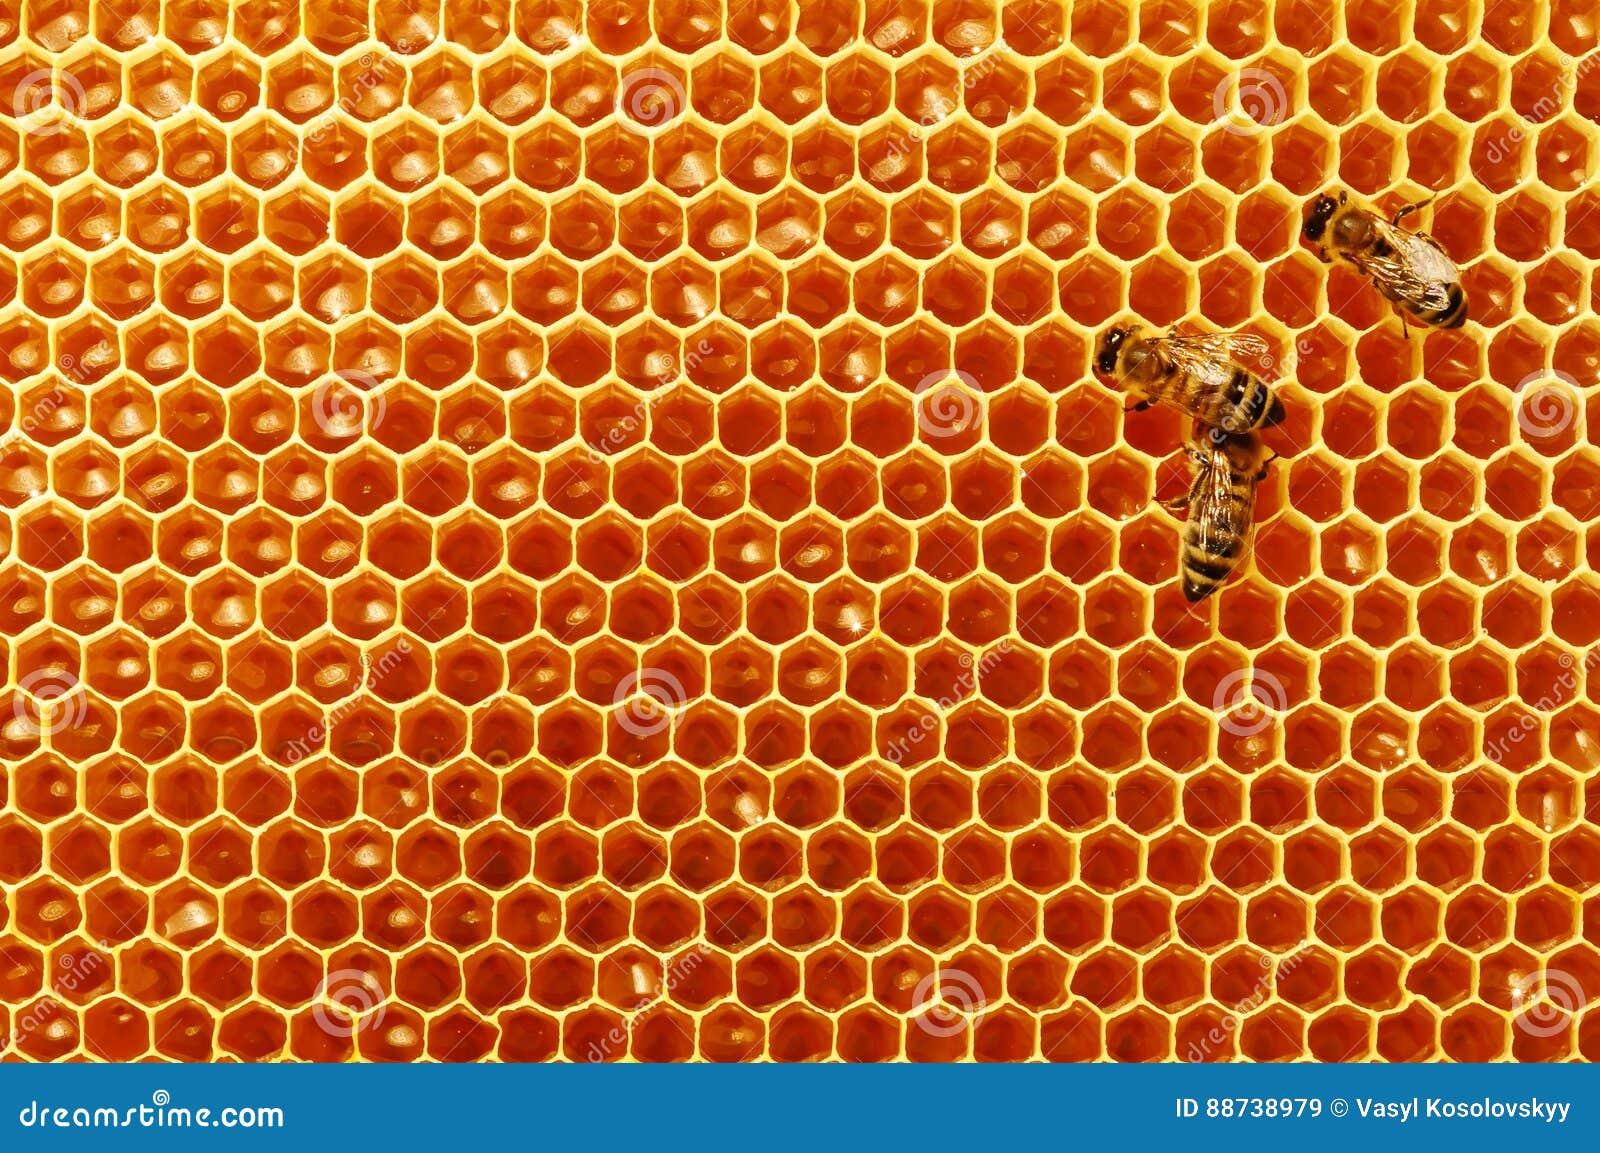 Κηρήθρες μελισσών με το μέλι και τις μέλισσες Μελισσοκομία